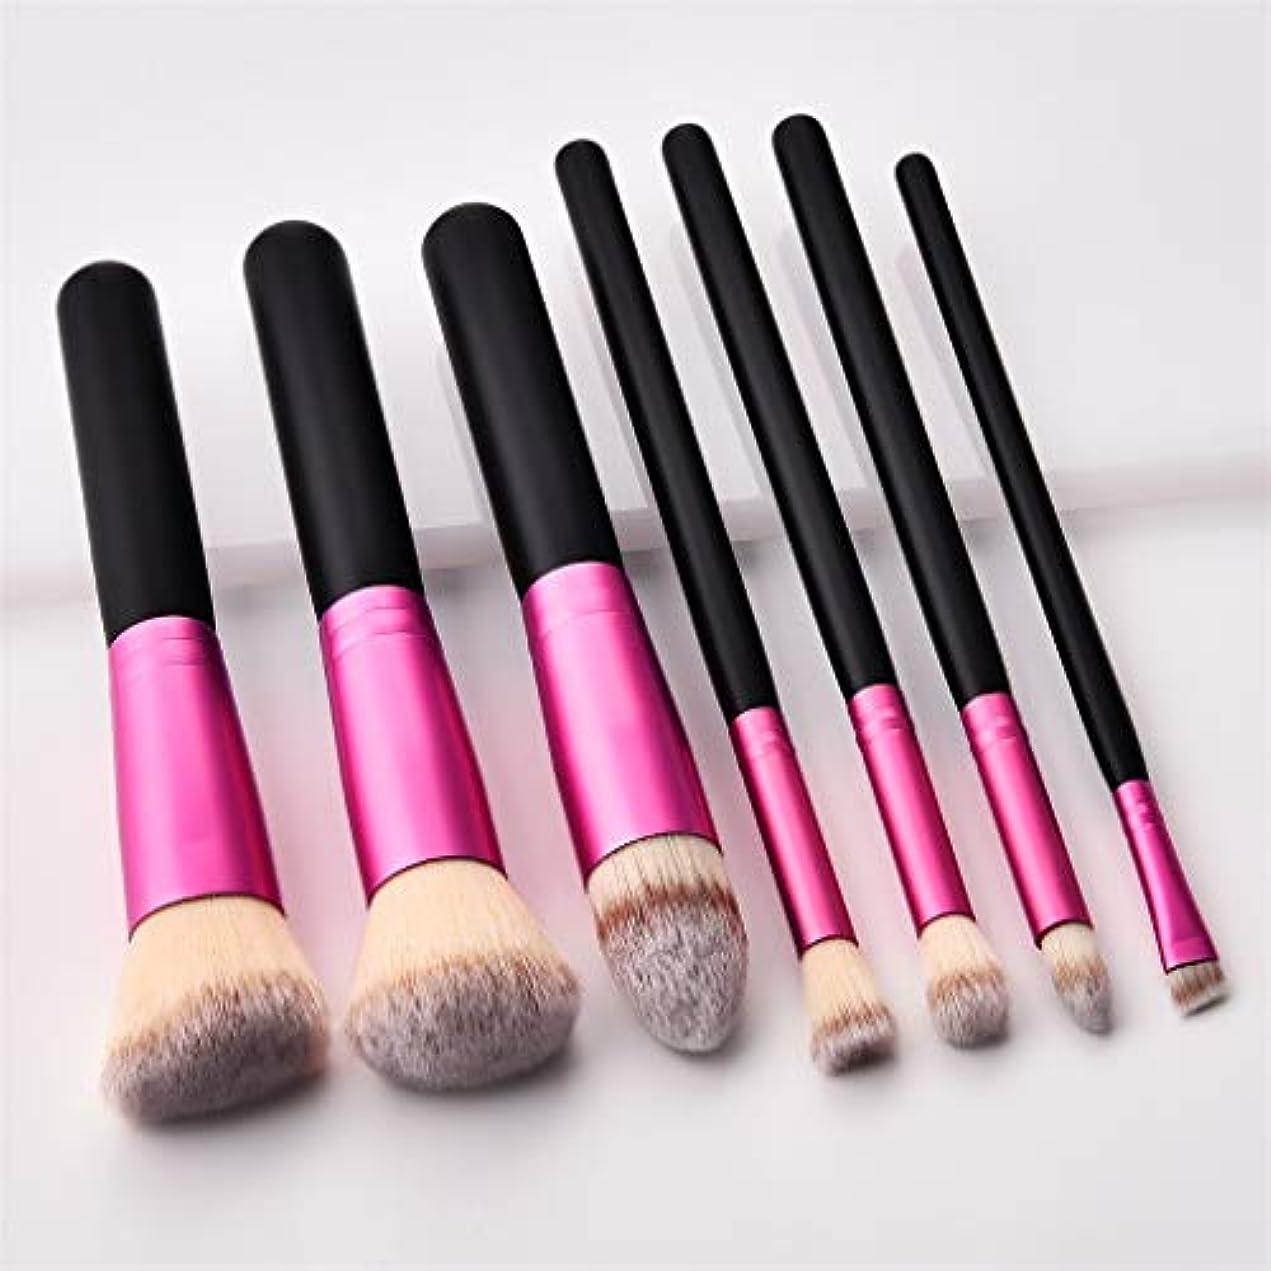 あるステンレス起こりやすいAkane 7本 GUJHUI 上等 優雅 ピンク 綺麗 美感 便利 高級 魅力的 柔らかい たっぷり 多機能 おしゃれ 激安 日常 仕事 Makeup Brush メイクアップブラシ T-07-060